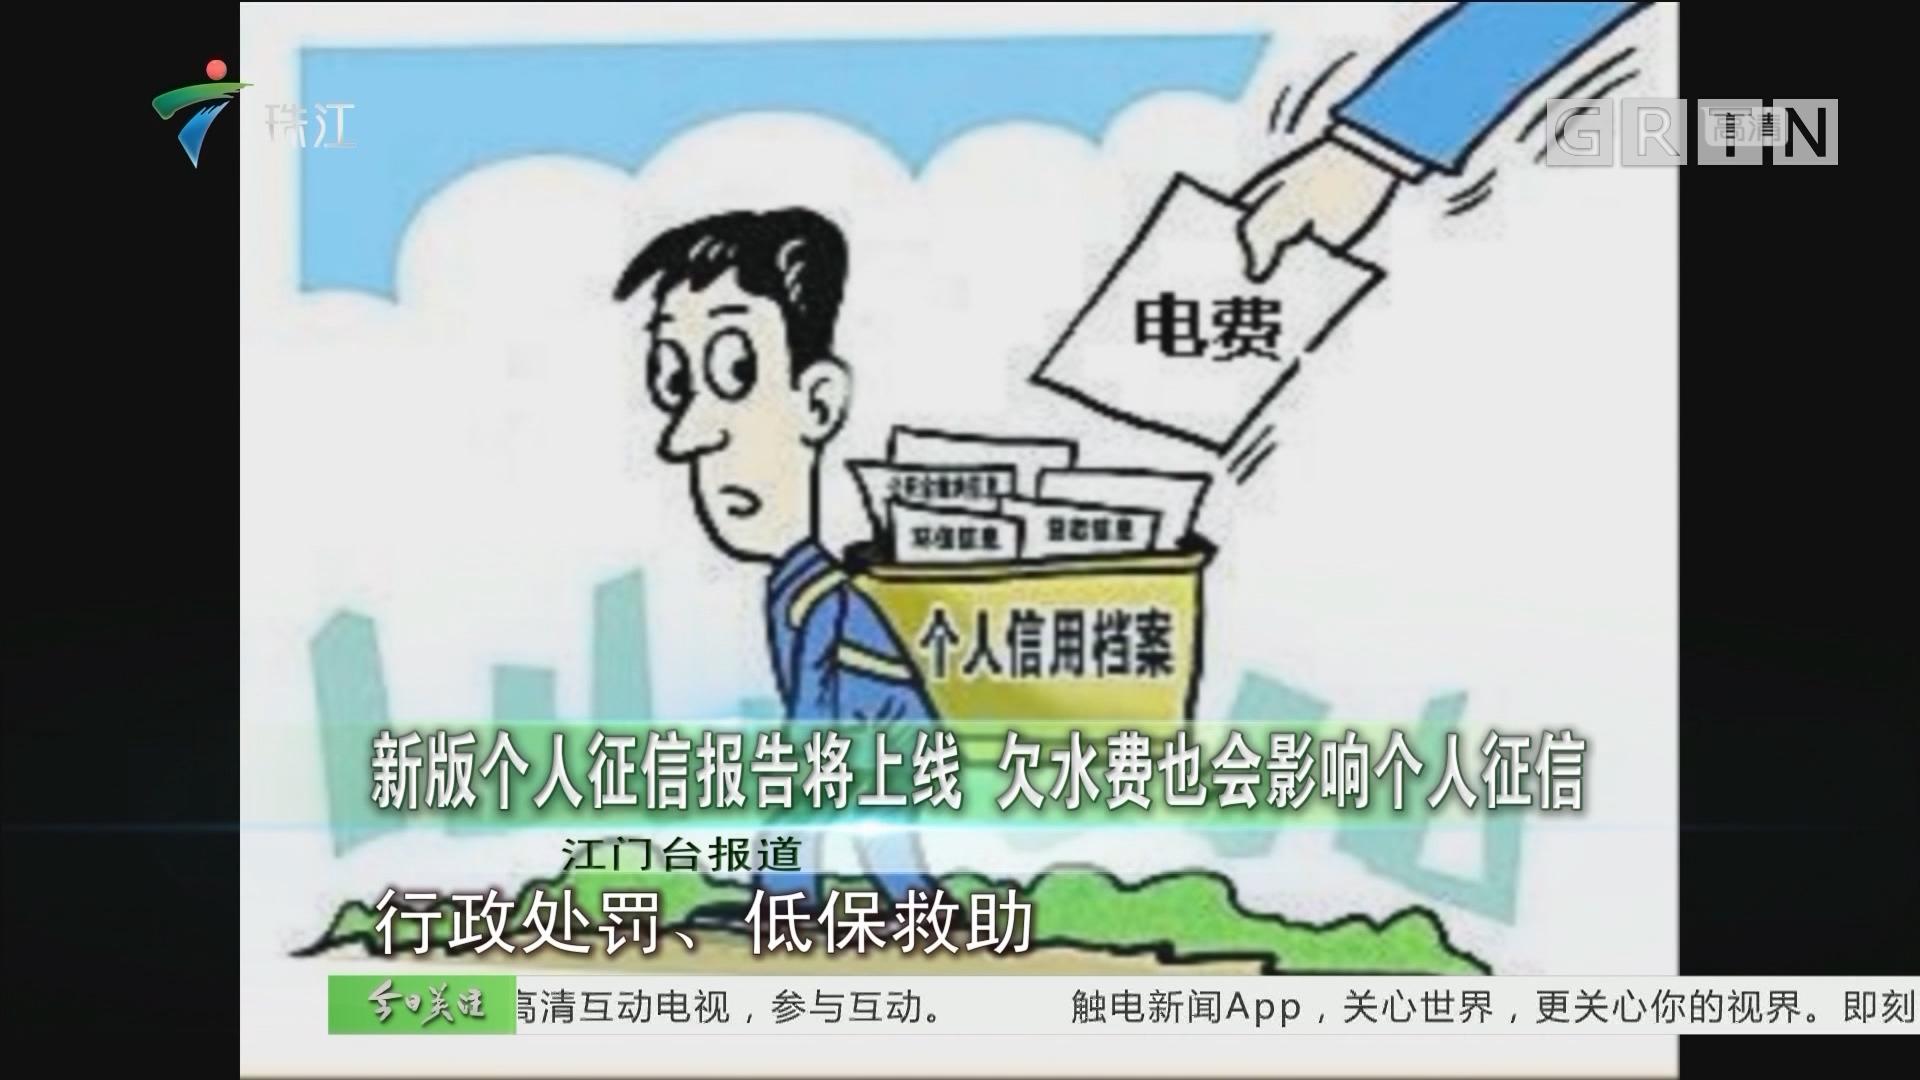 新版个人征信报告将上线 欠水费也会影响个人征信